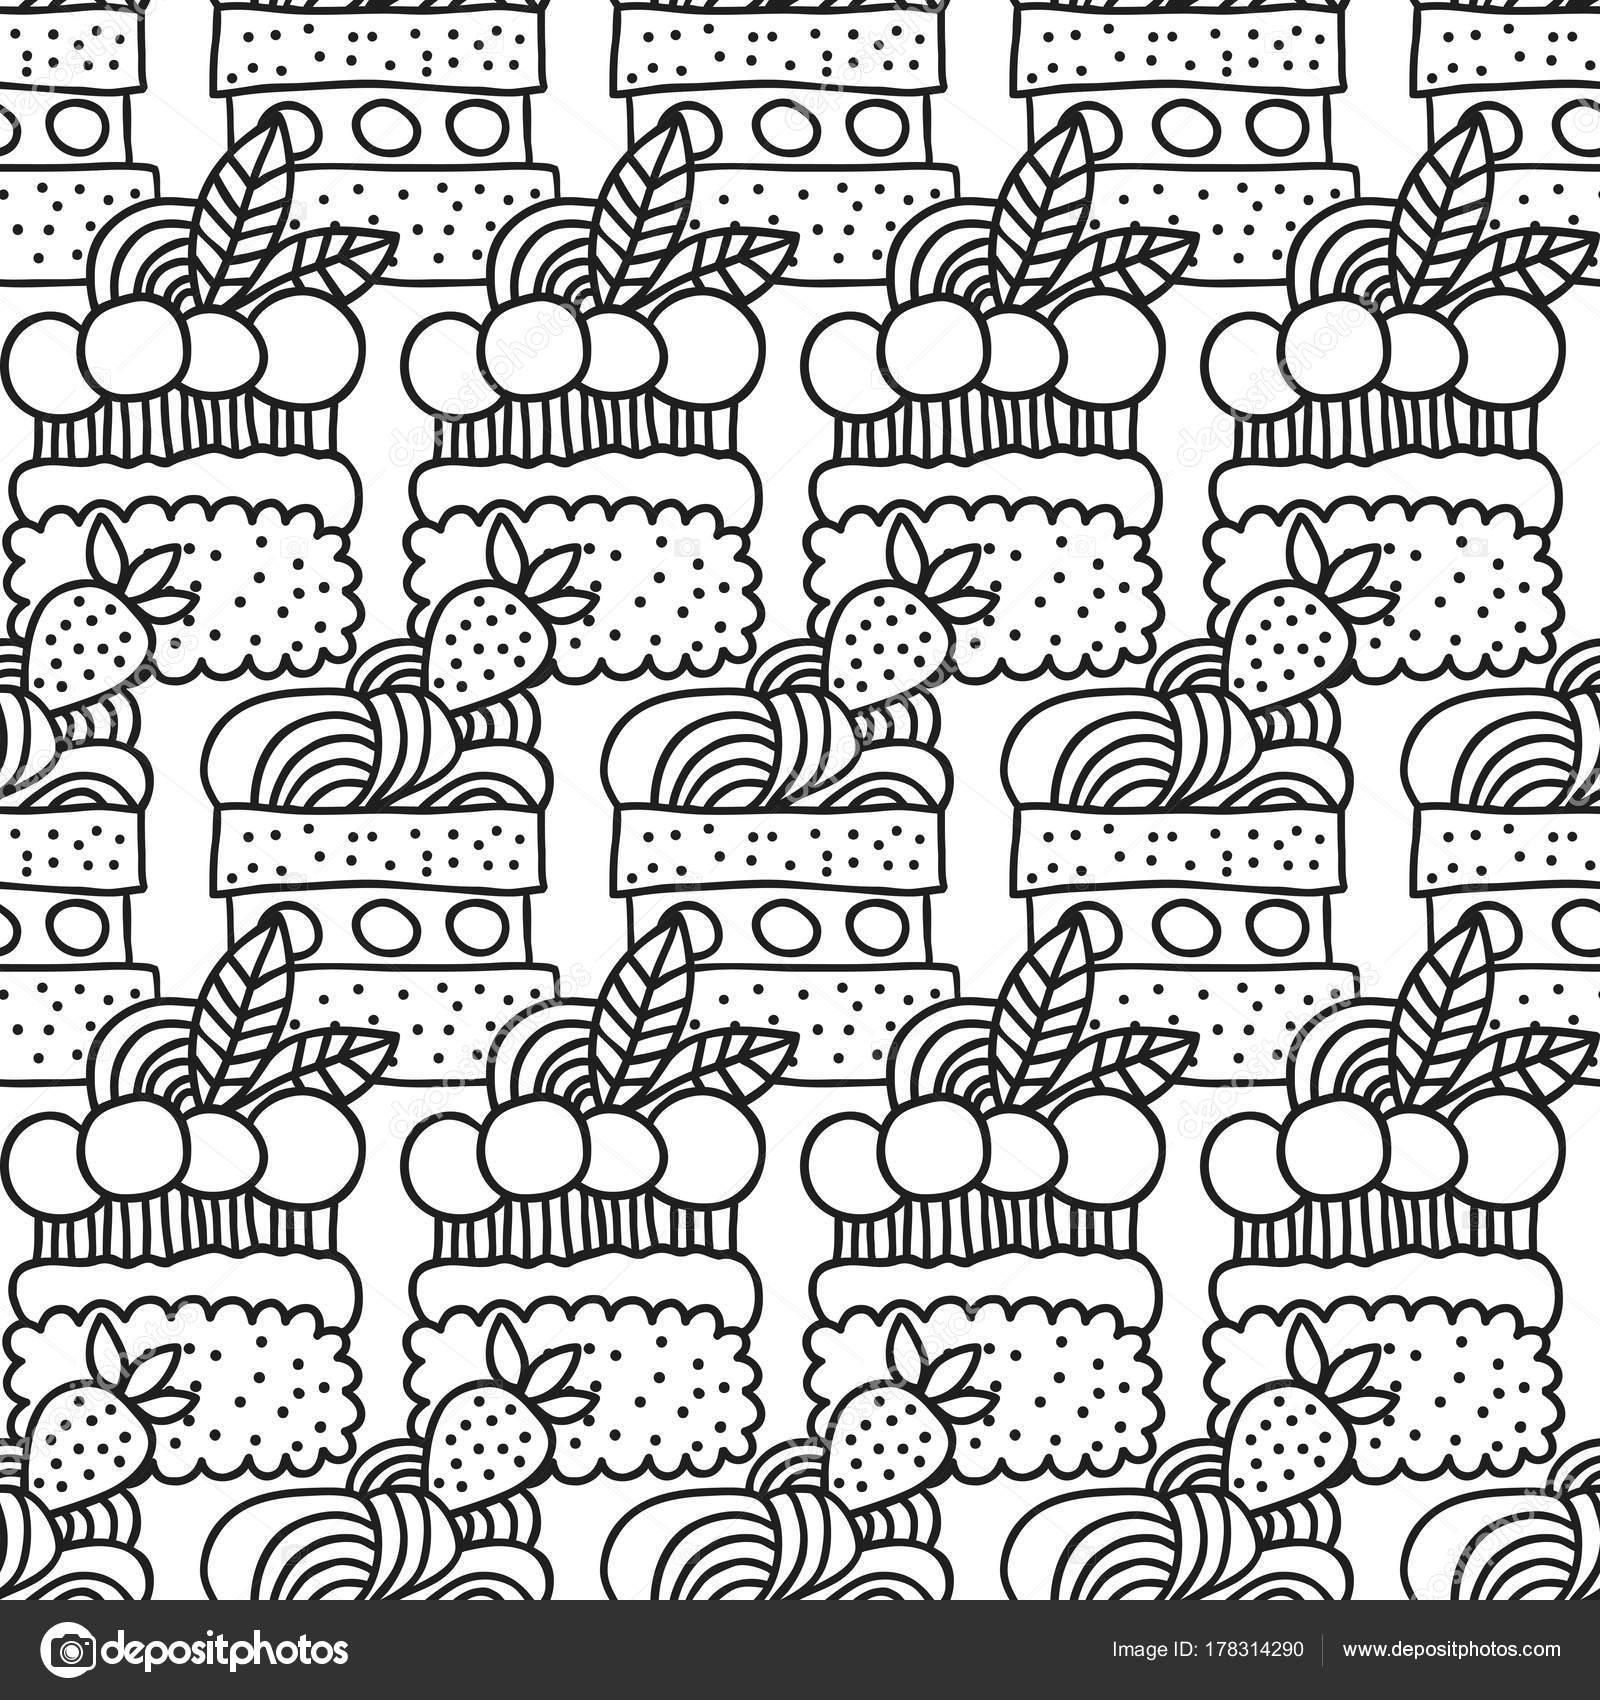 Kuchen und Cupcakes. Schwarz / weiß nahtlose Muster für die ...